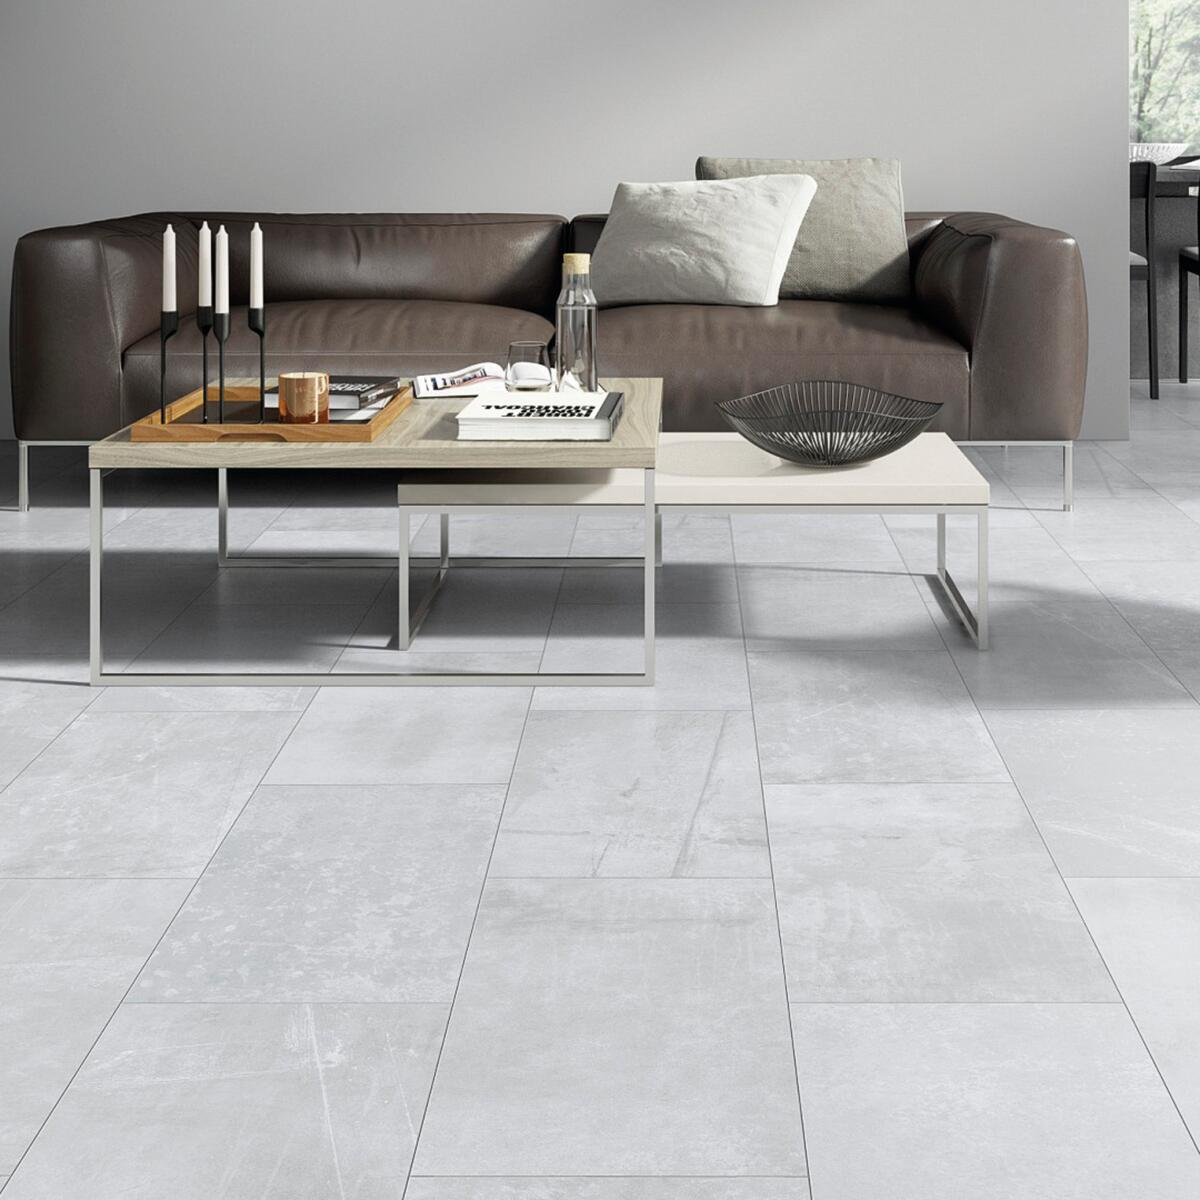 Pavimento SPC flottante clic+ Sp 4 mm grigio / argento - 1